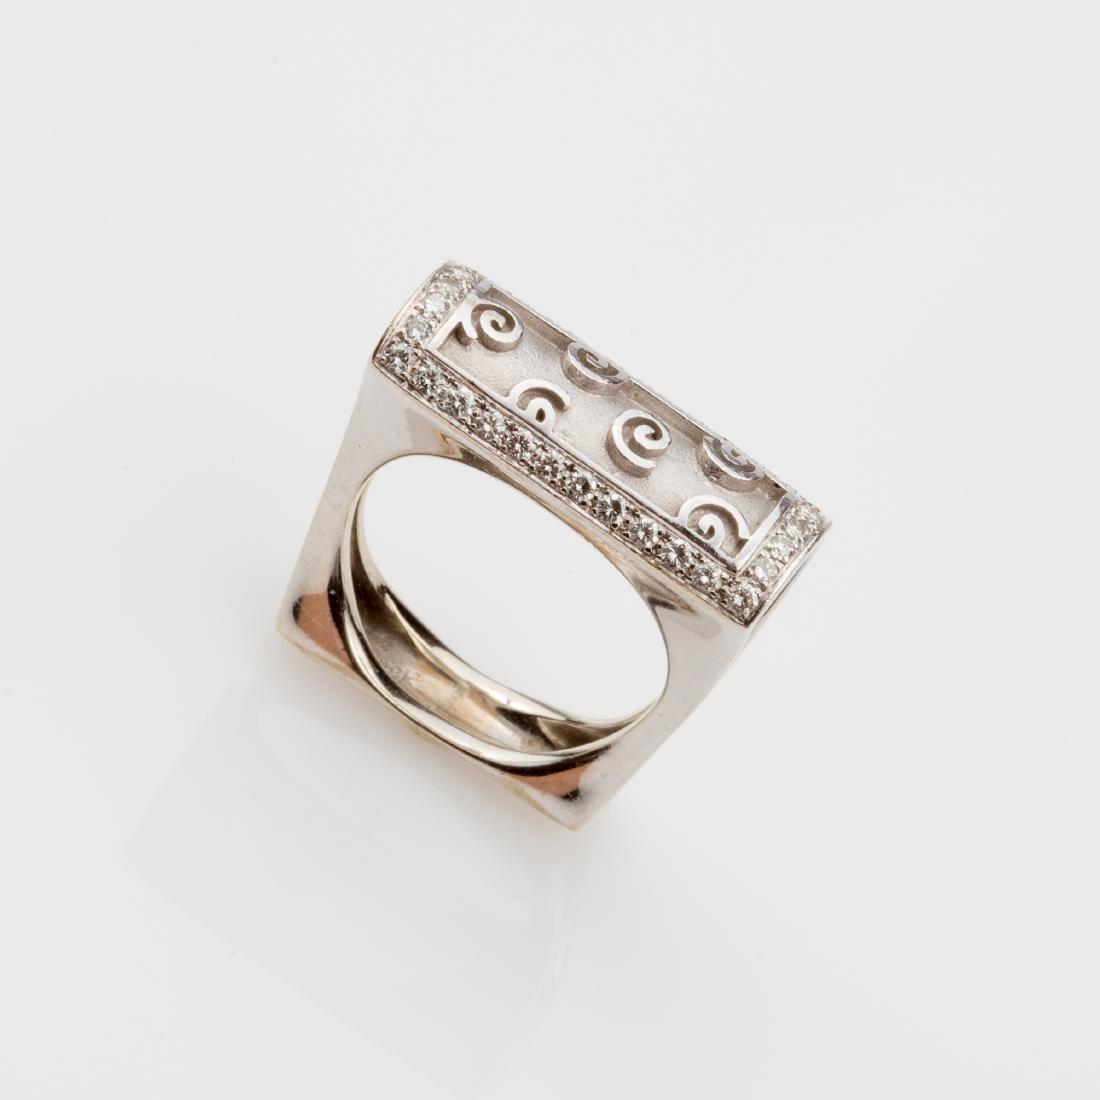 18K WHITE GOLD DIAMOND BOMBE' COCKTAIL RING